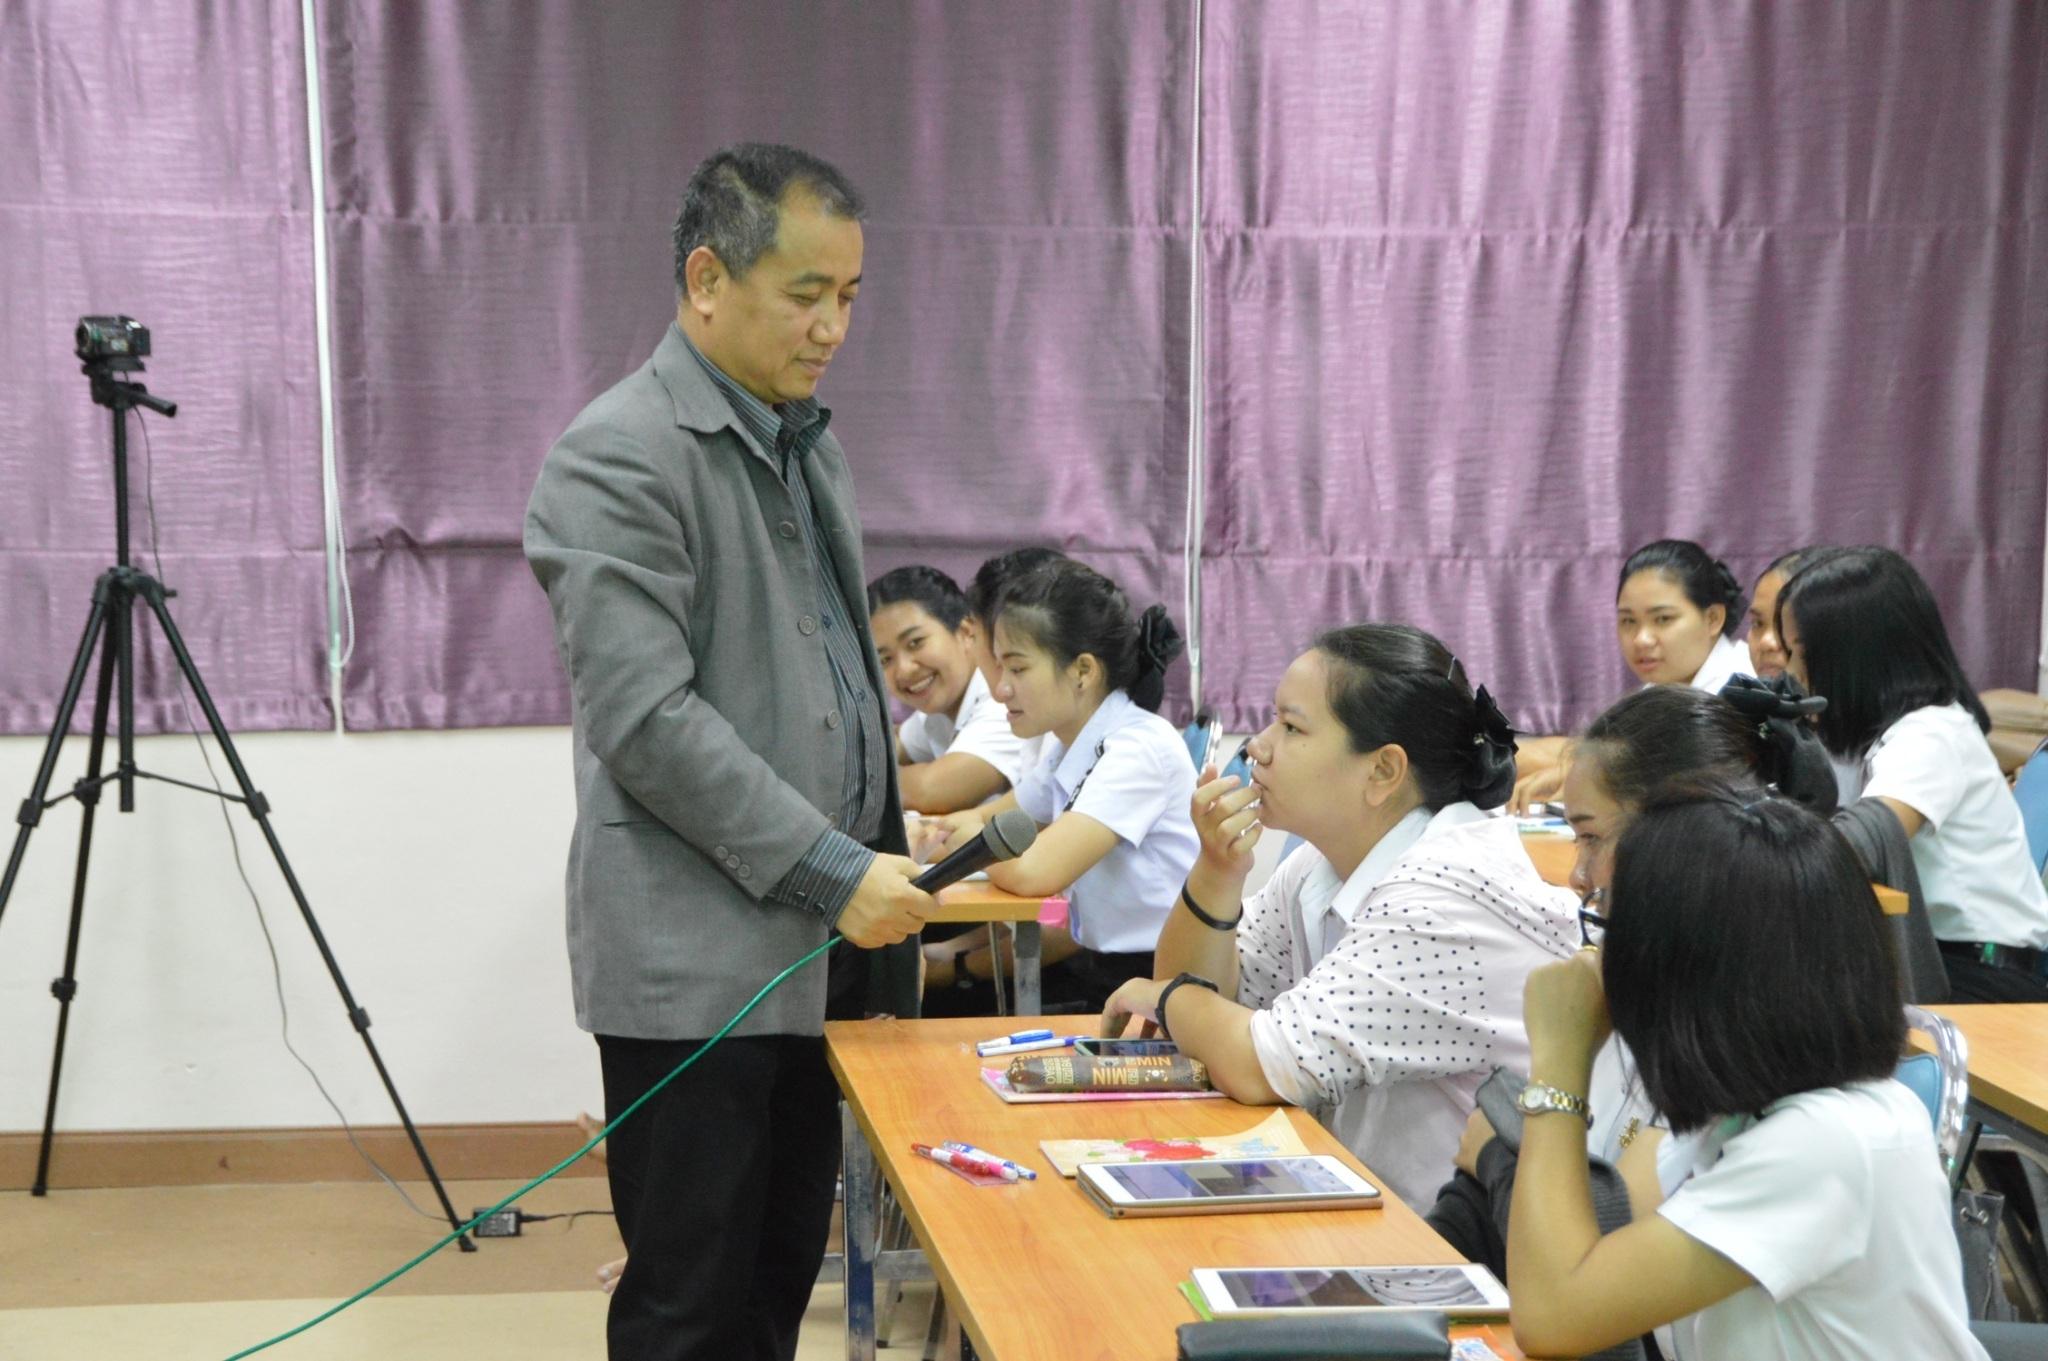 มสด.นครนายก อบรมนวัตกรรมและเทคโนโลยีสารสนเทศ สำหรับครูยุค Thailand 4.0 และการผลิตสื่อ e-book